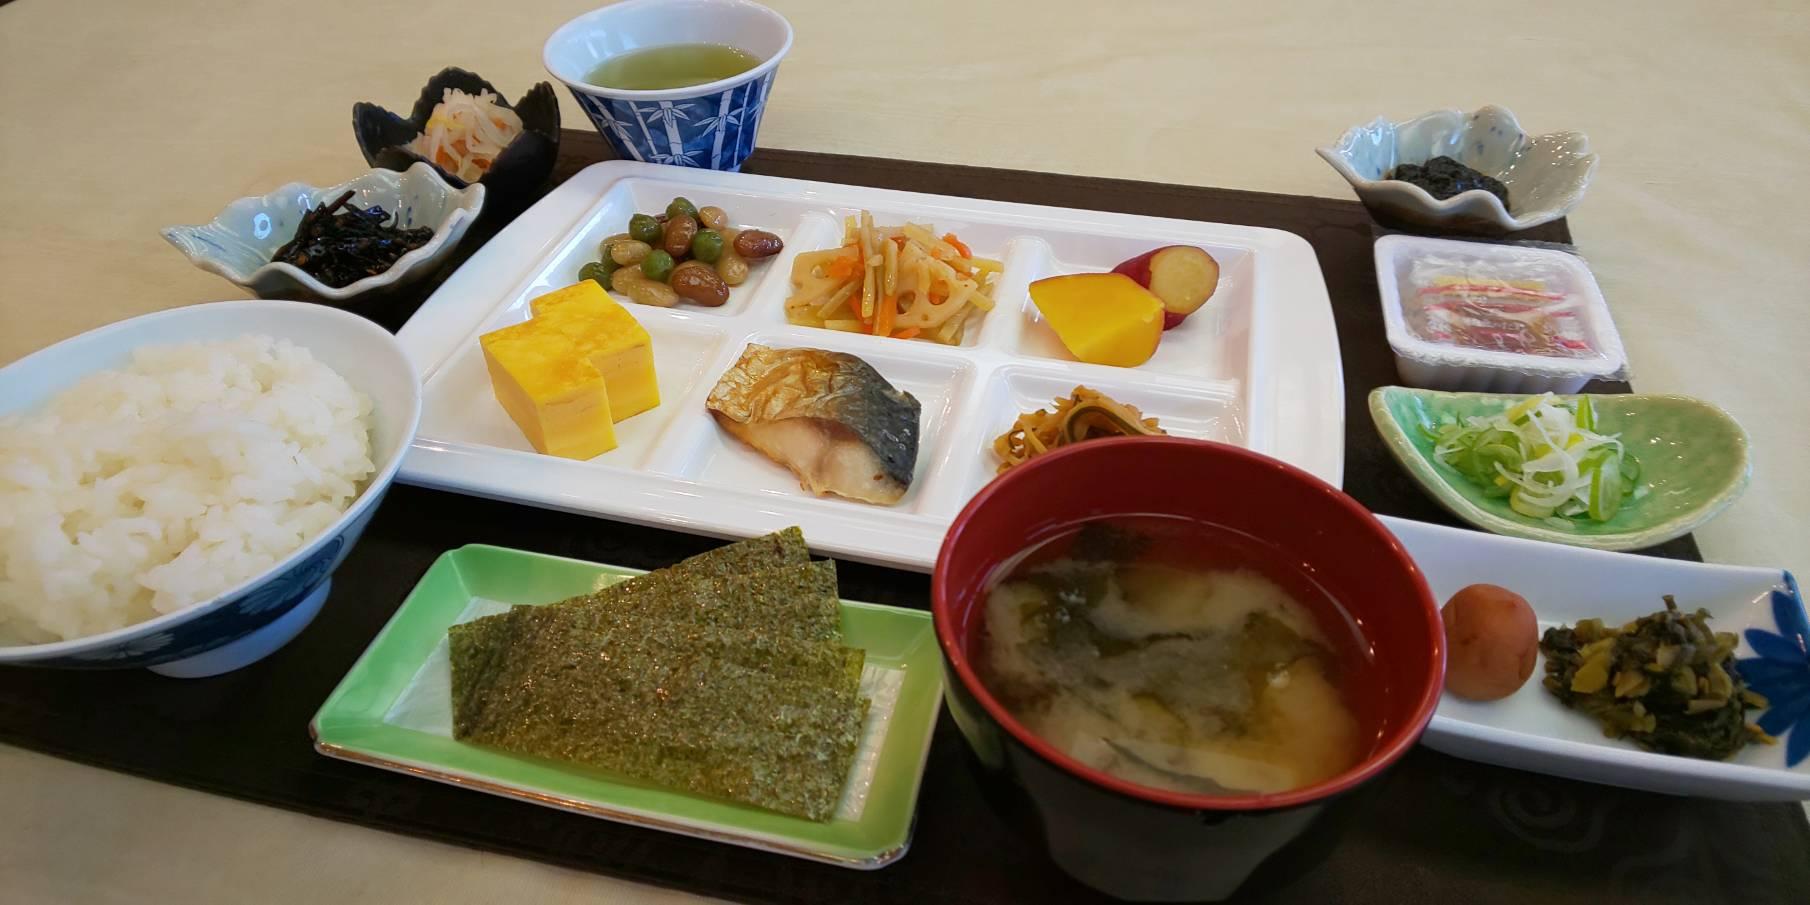 和食盛り付けのサンプル